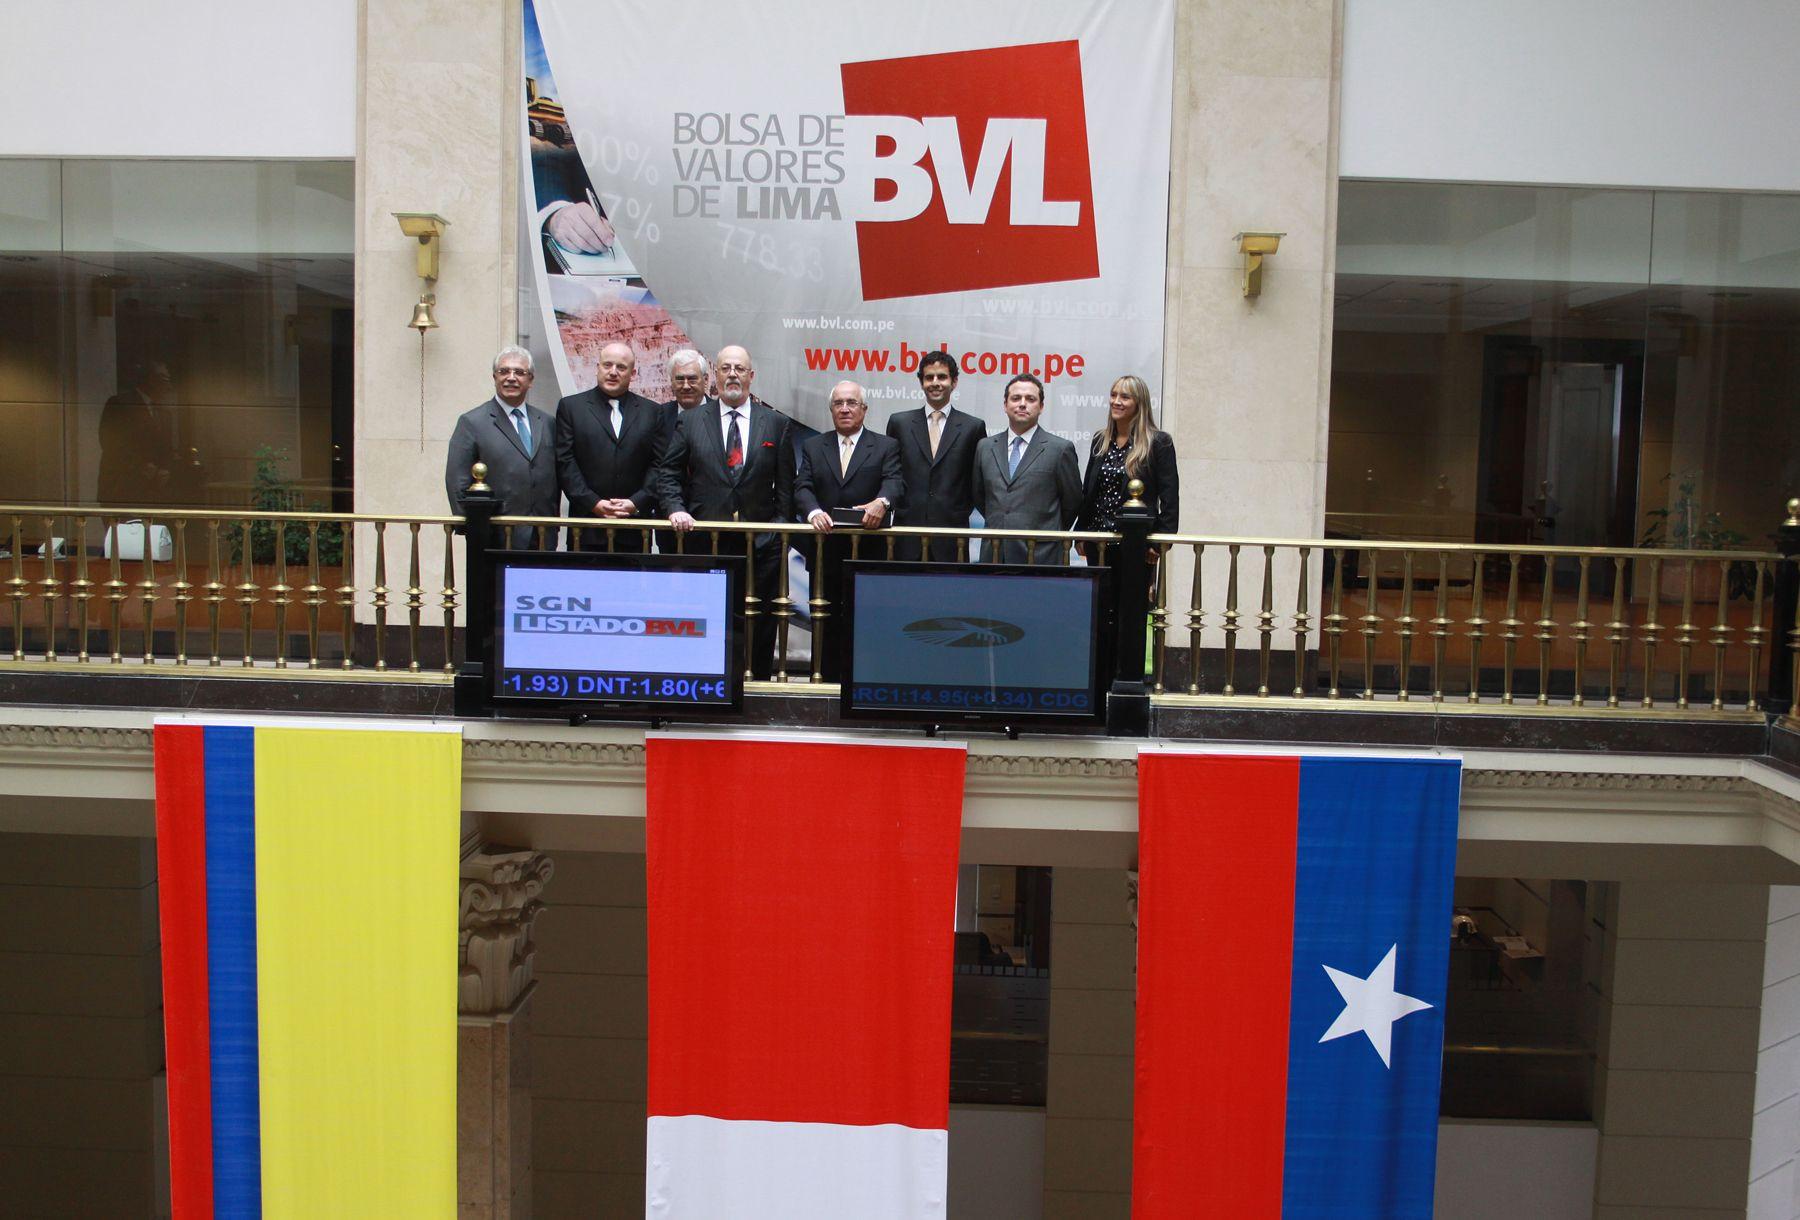 Diviso Bolsa sobre integración de bolsas de Perú, Chile y Colombia: